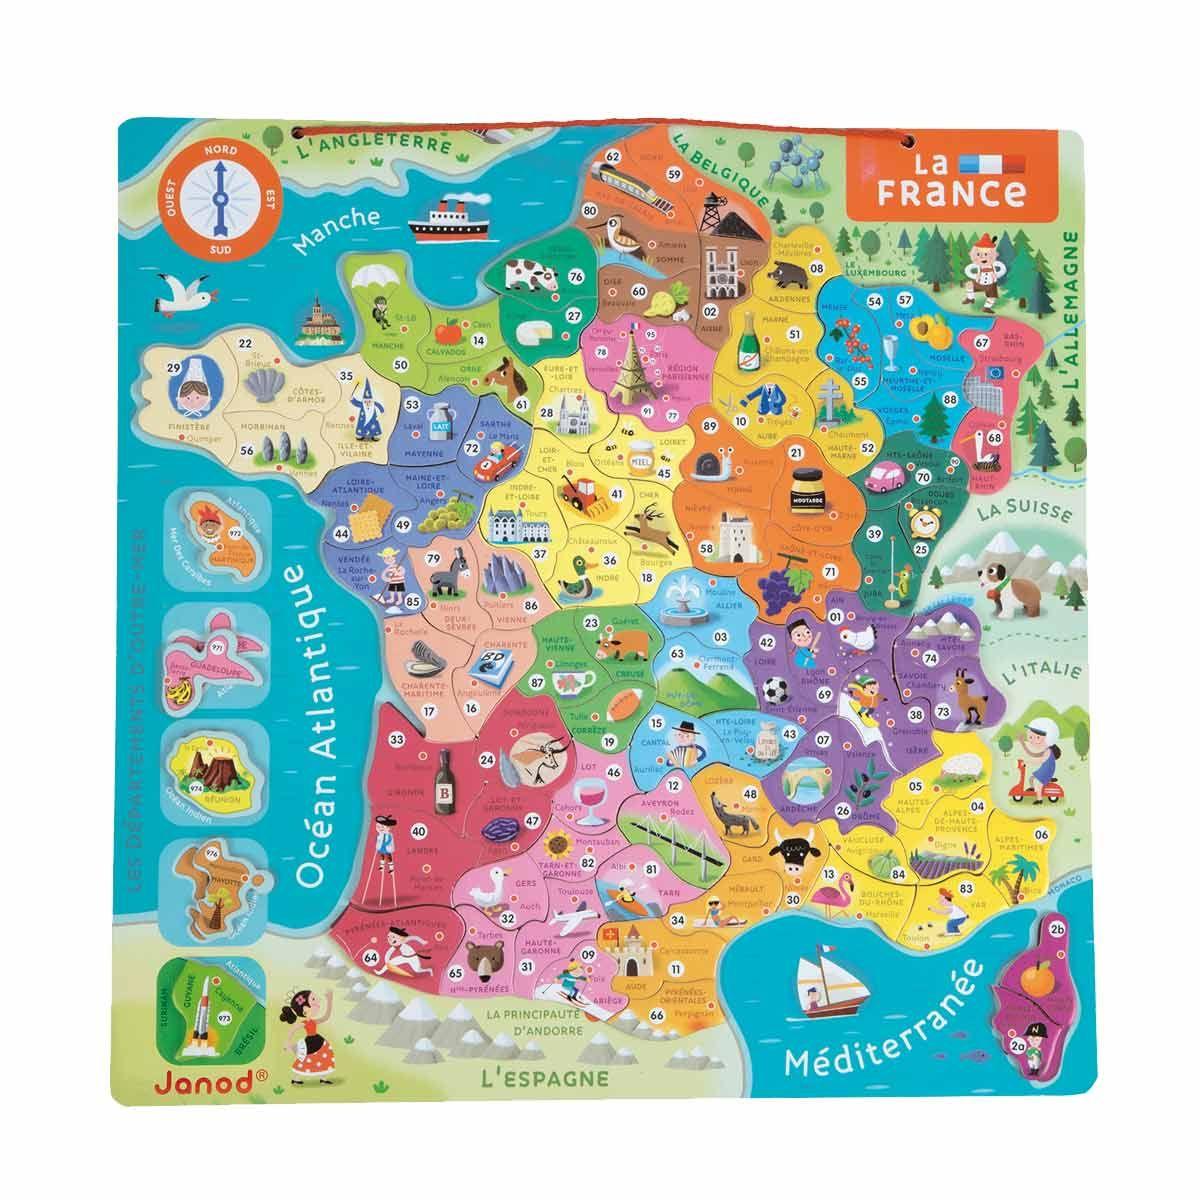 Carte De France Magnétique Pour Enfant De 7 Ans À 12 Ans encequiconcerne Carte De France Pour Les Enfants